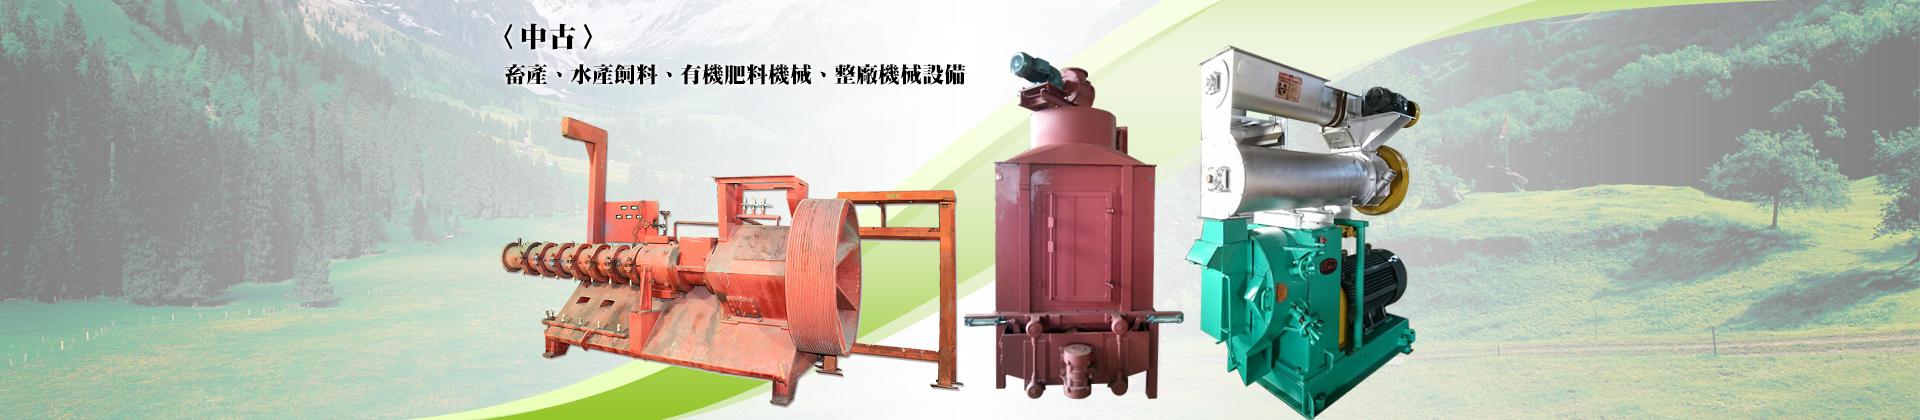 宜騰企業有限公司中古機械